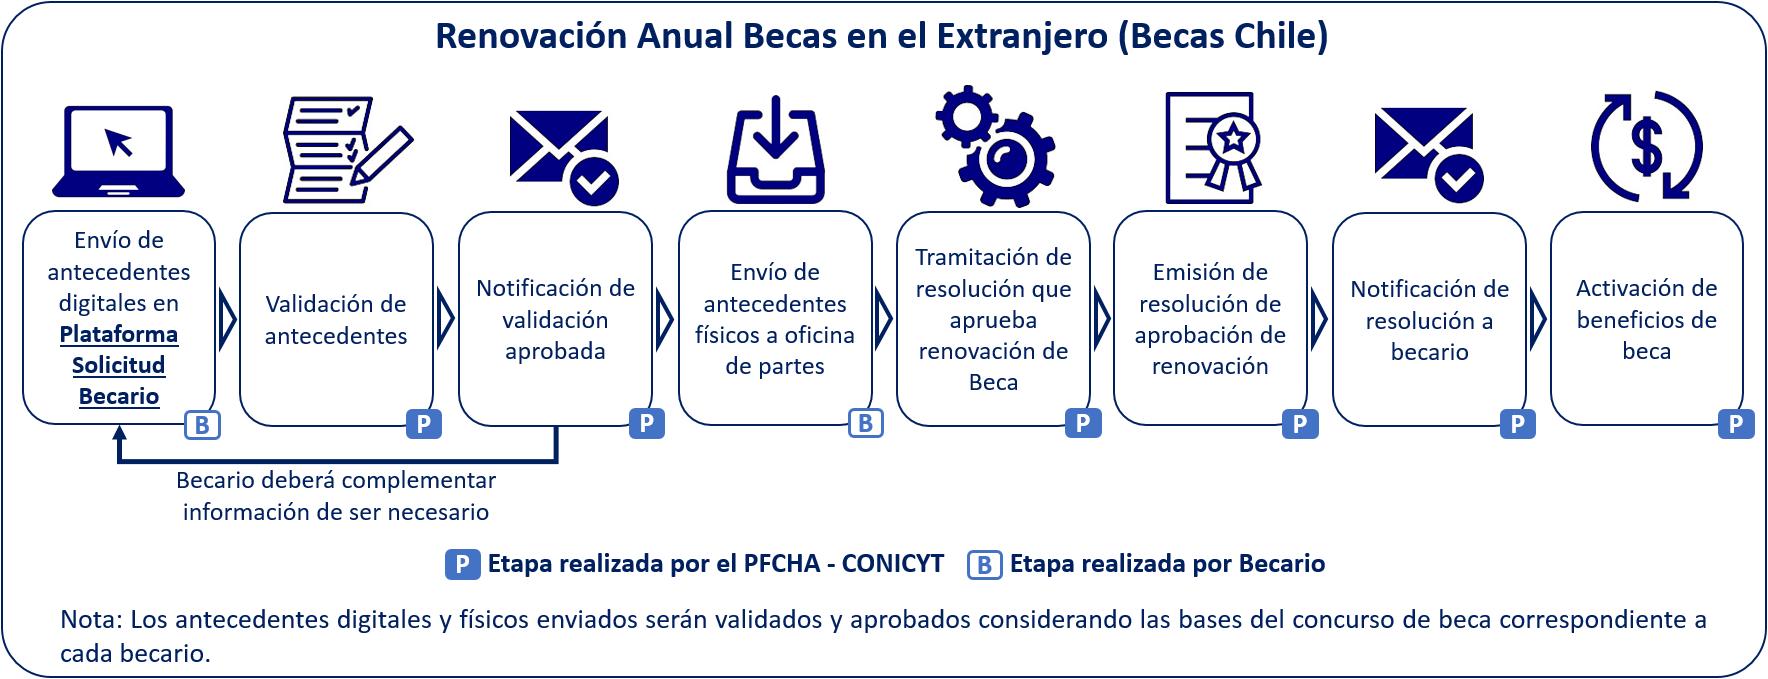 VF Renovación Becas Chile